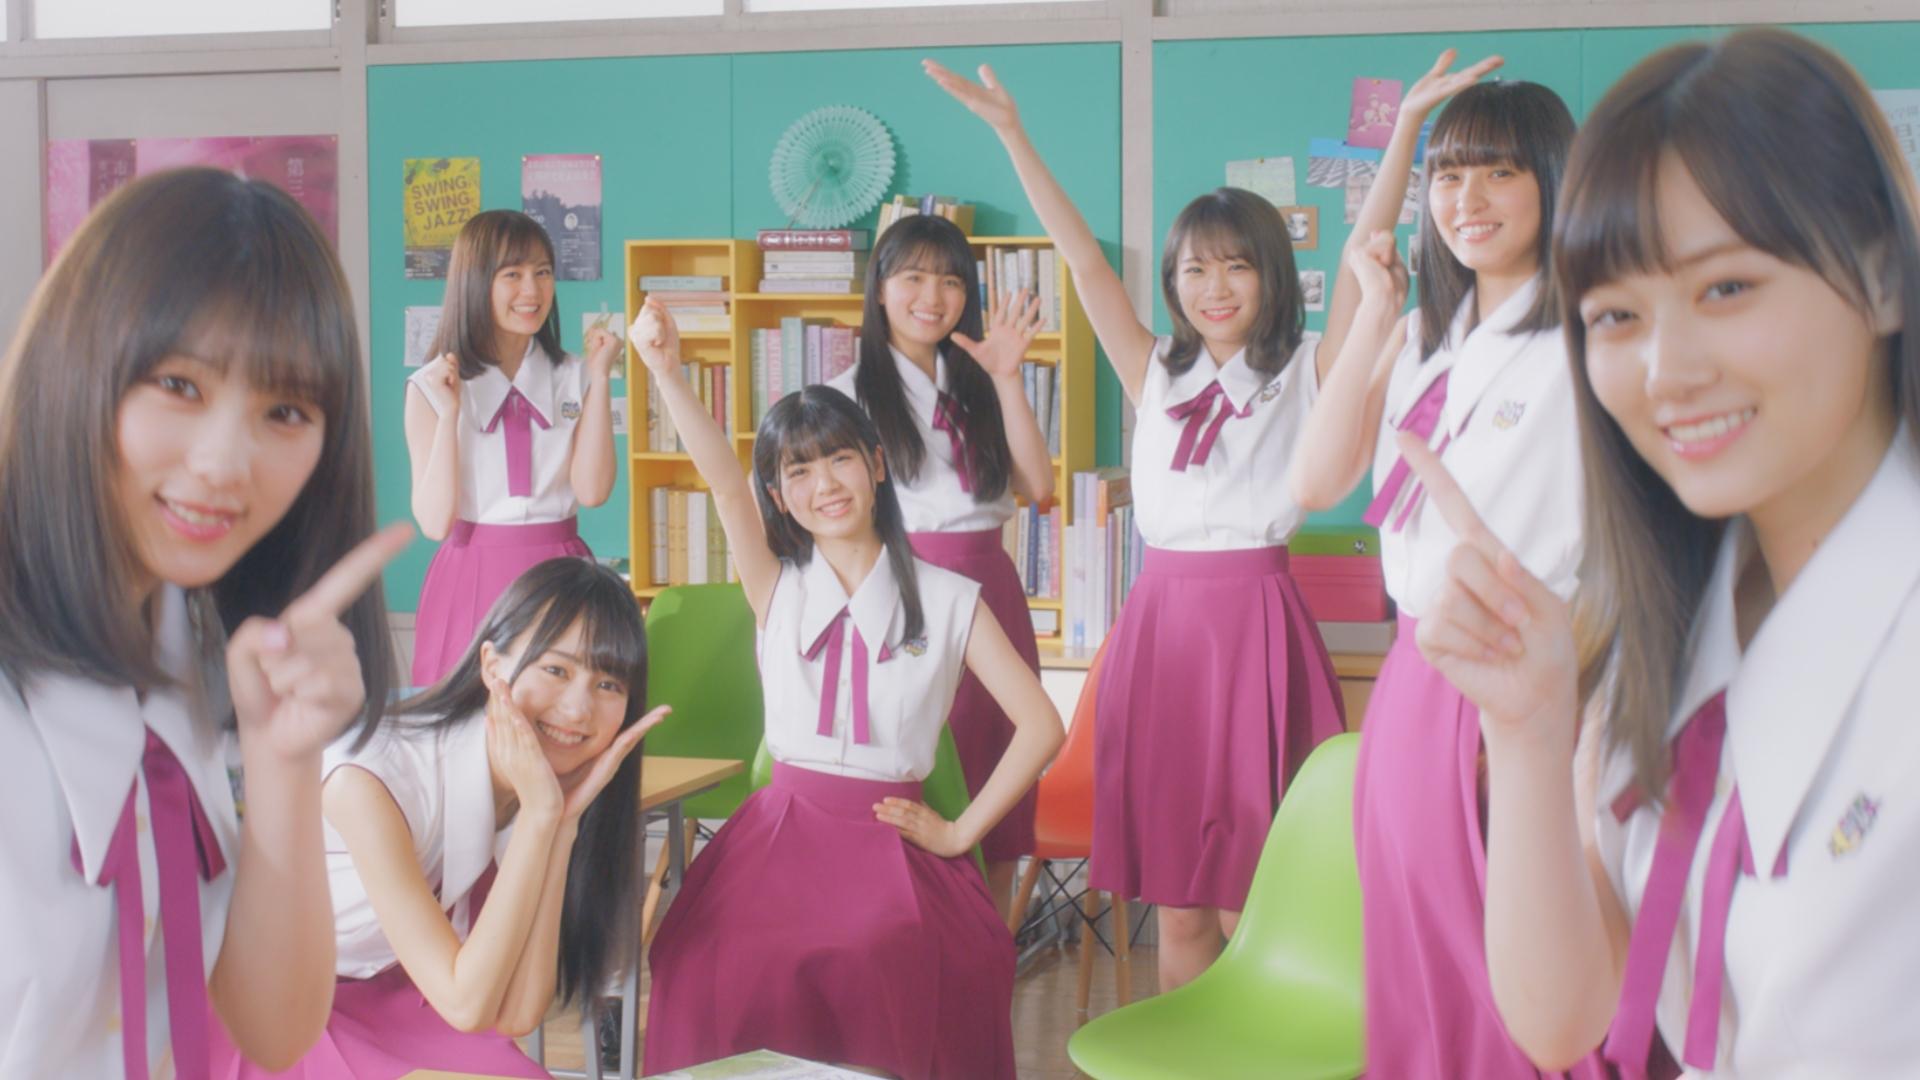 乃木坂46/新TVCM『ファンタ坂学園 みんなでぶっちゃけボトル』篇